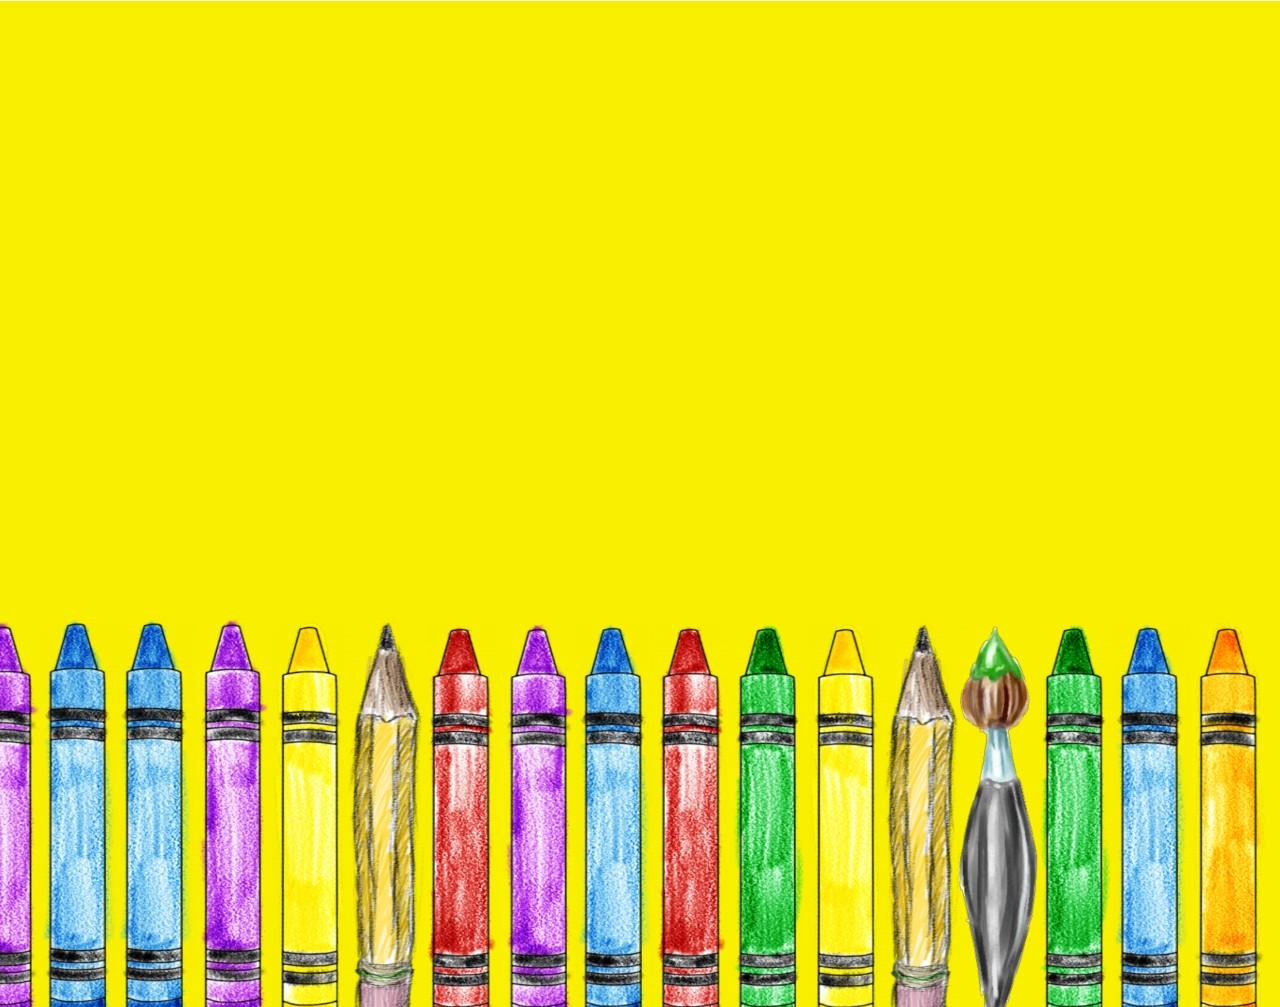 school supplies yellow backgrounds wallpapersjpg 1280x1007